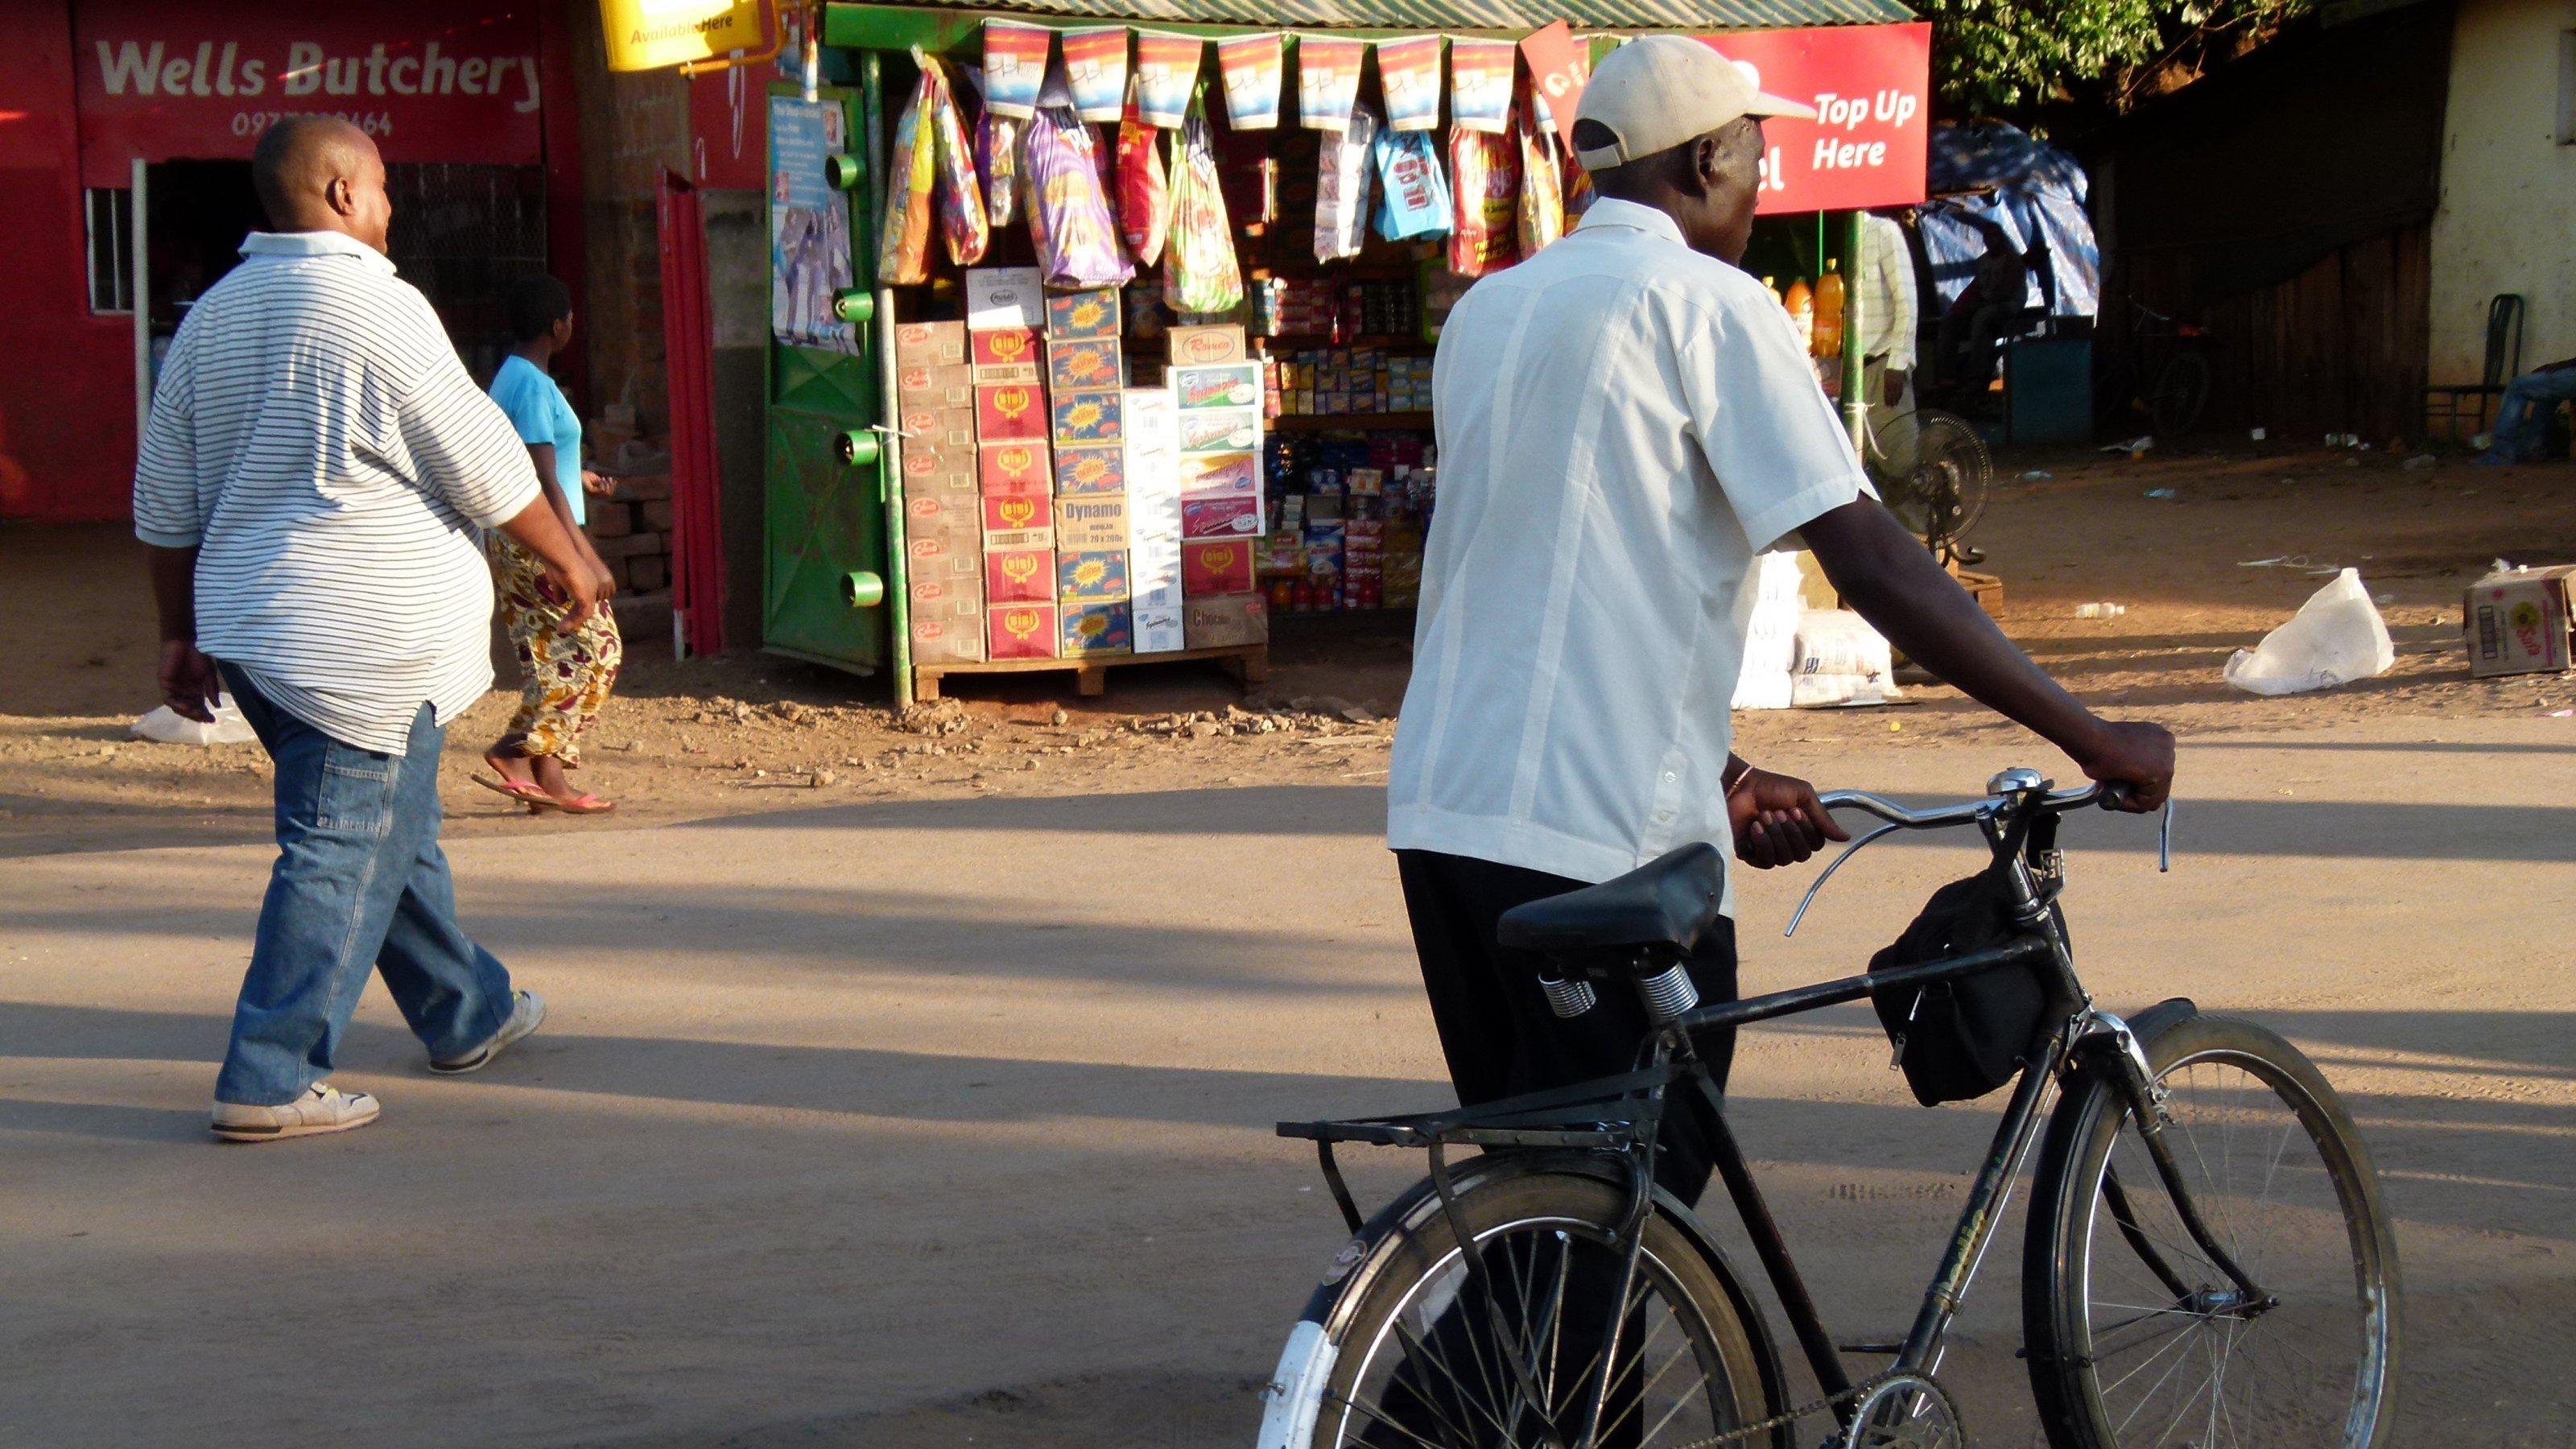 Straßenszene in Sambia: Zwei Fussgänger gehen an einem Markstand vorbei, einer schiebt sein Fahrrad